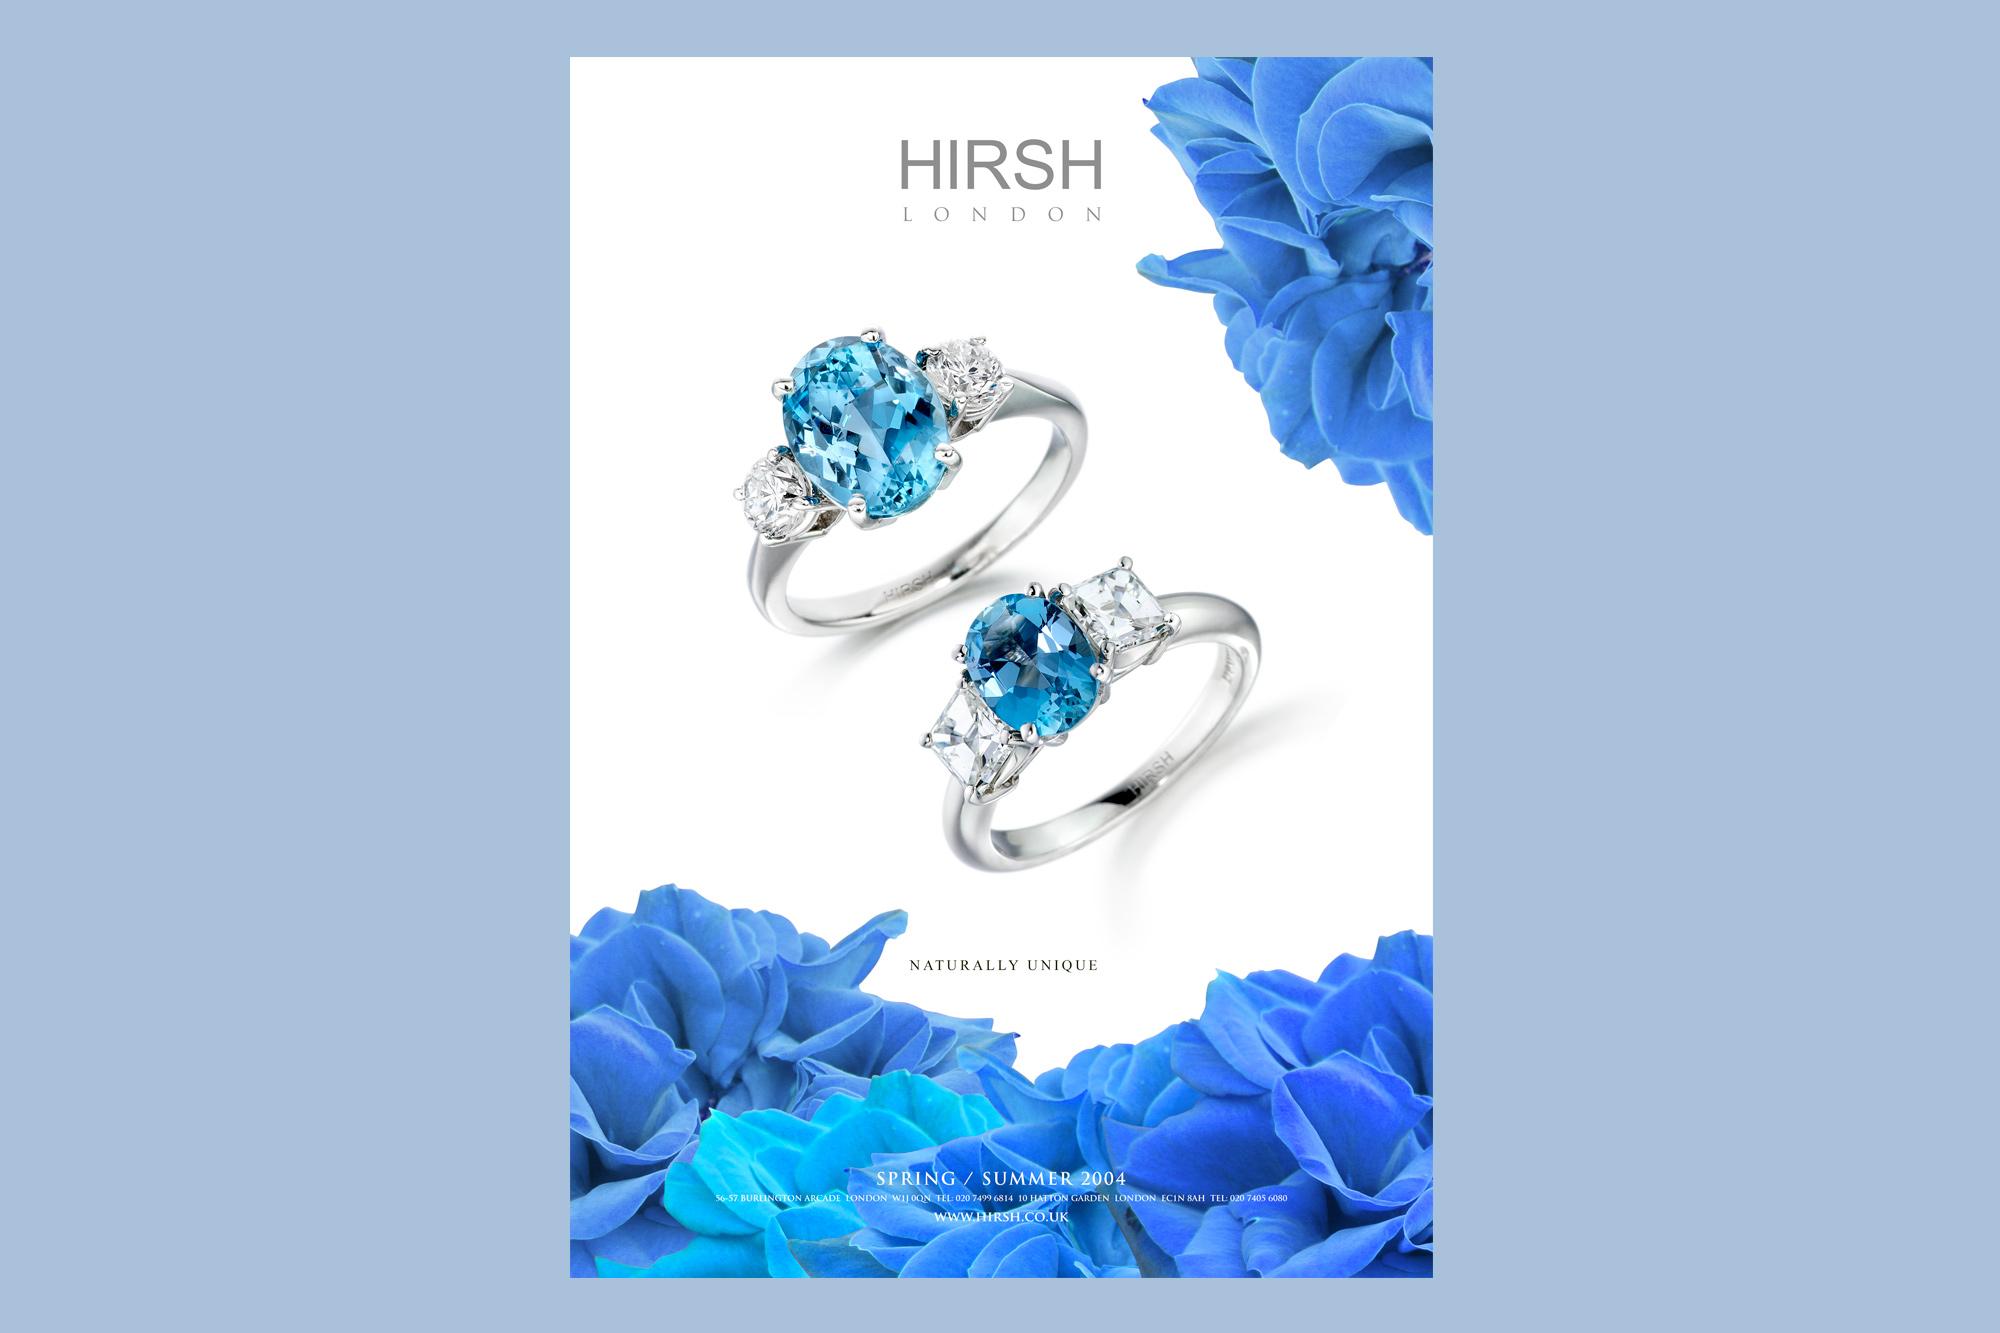 hirsh_cs_v4